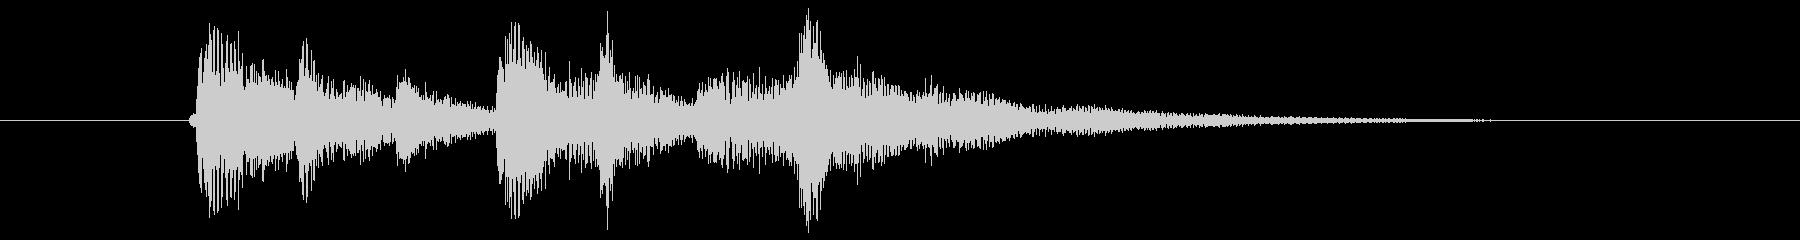 ビブラフォンが重なり合う深みあるポップスの未再生の波形